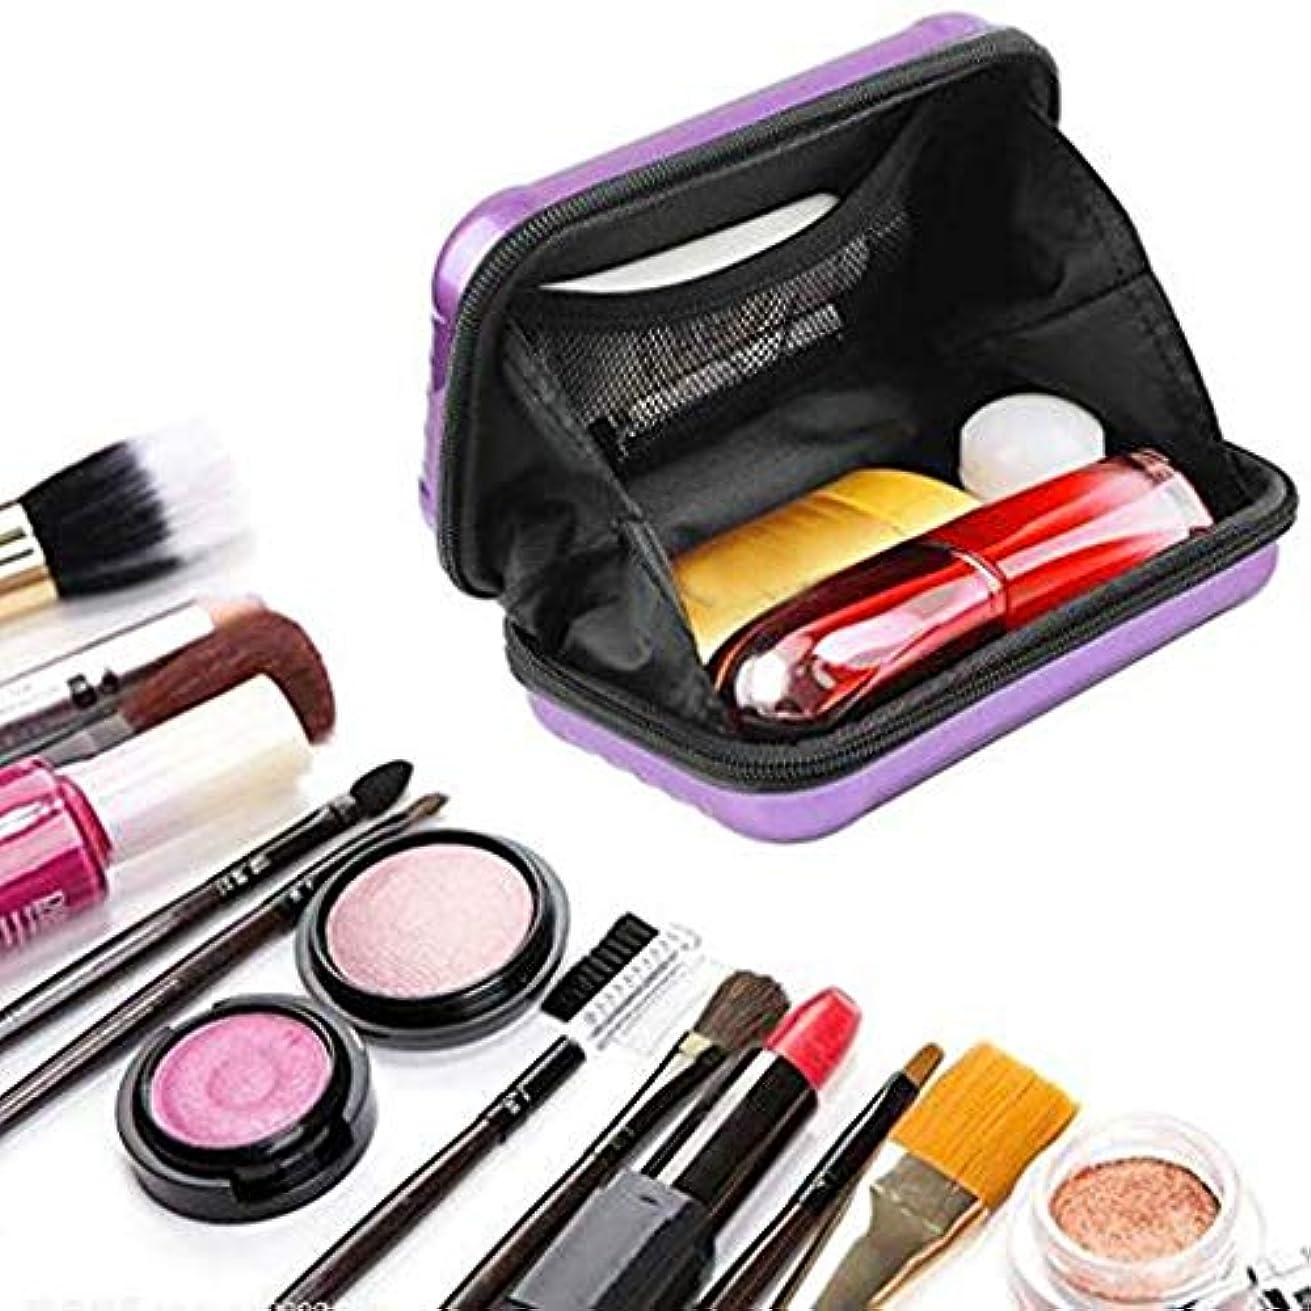 呼吸するブルゴーニュご近所ミニポータブル旅行化粧品バッグ、女性のための防水/クラッシュ防止化粧バッグ、スーツケース化粧品ハンドバッグ (紫の)